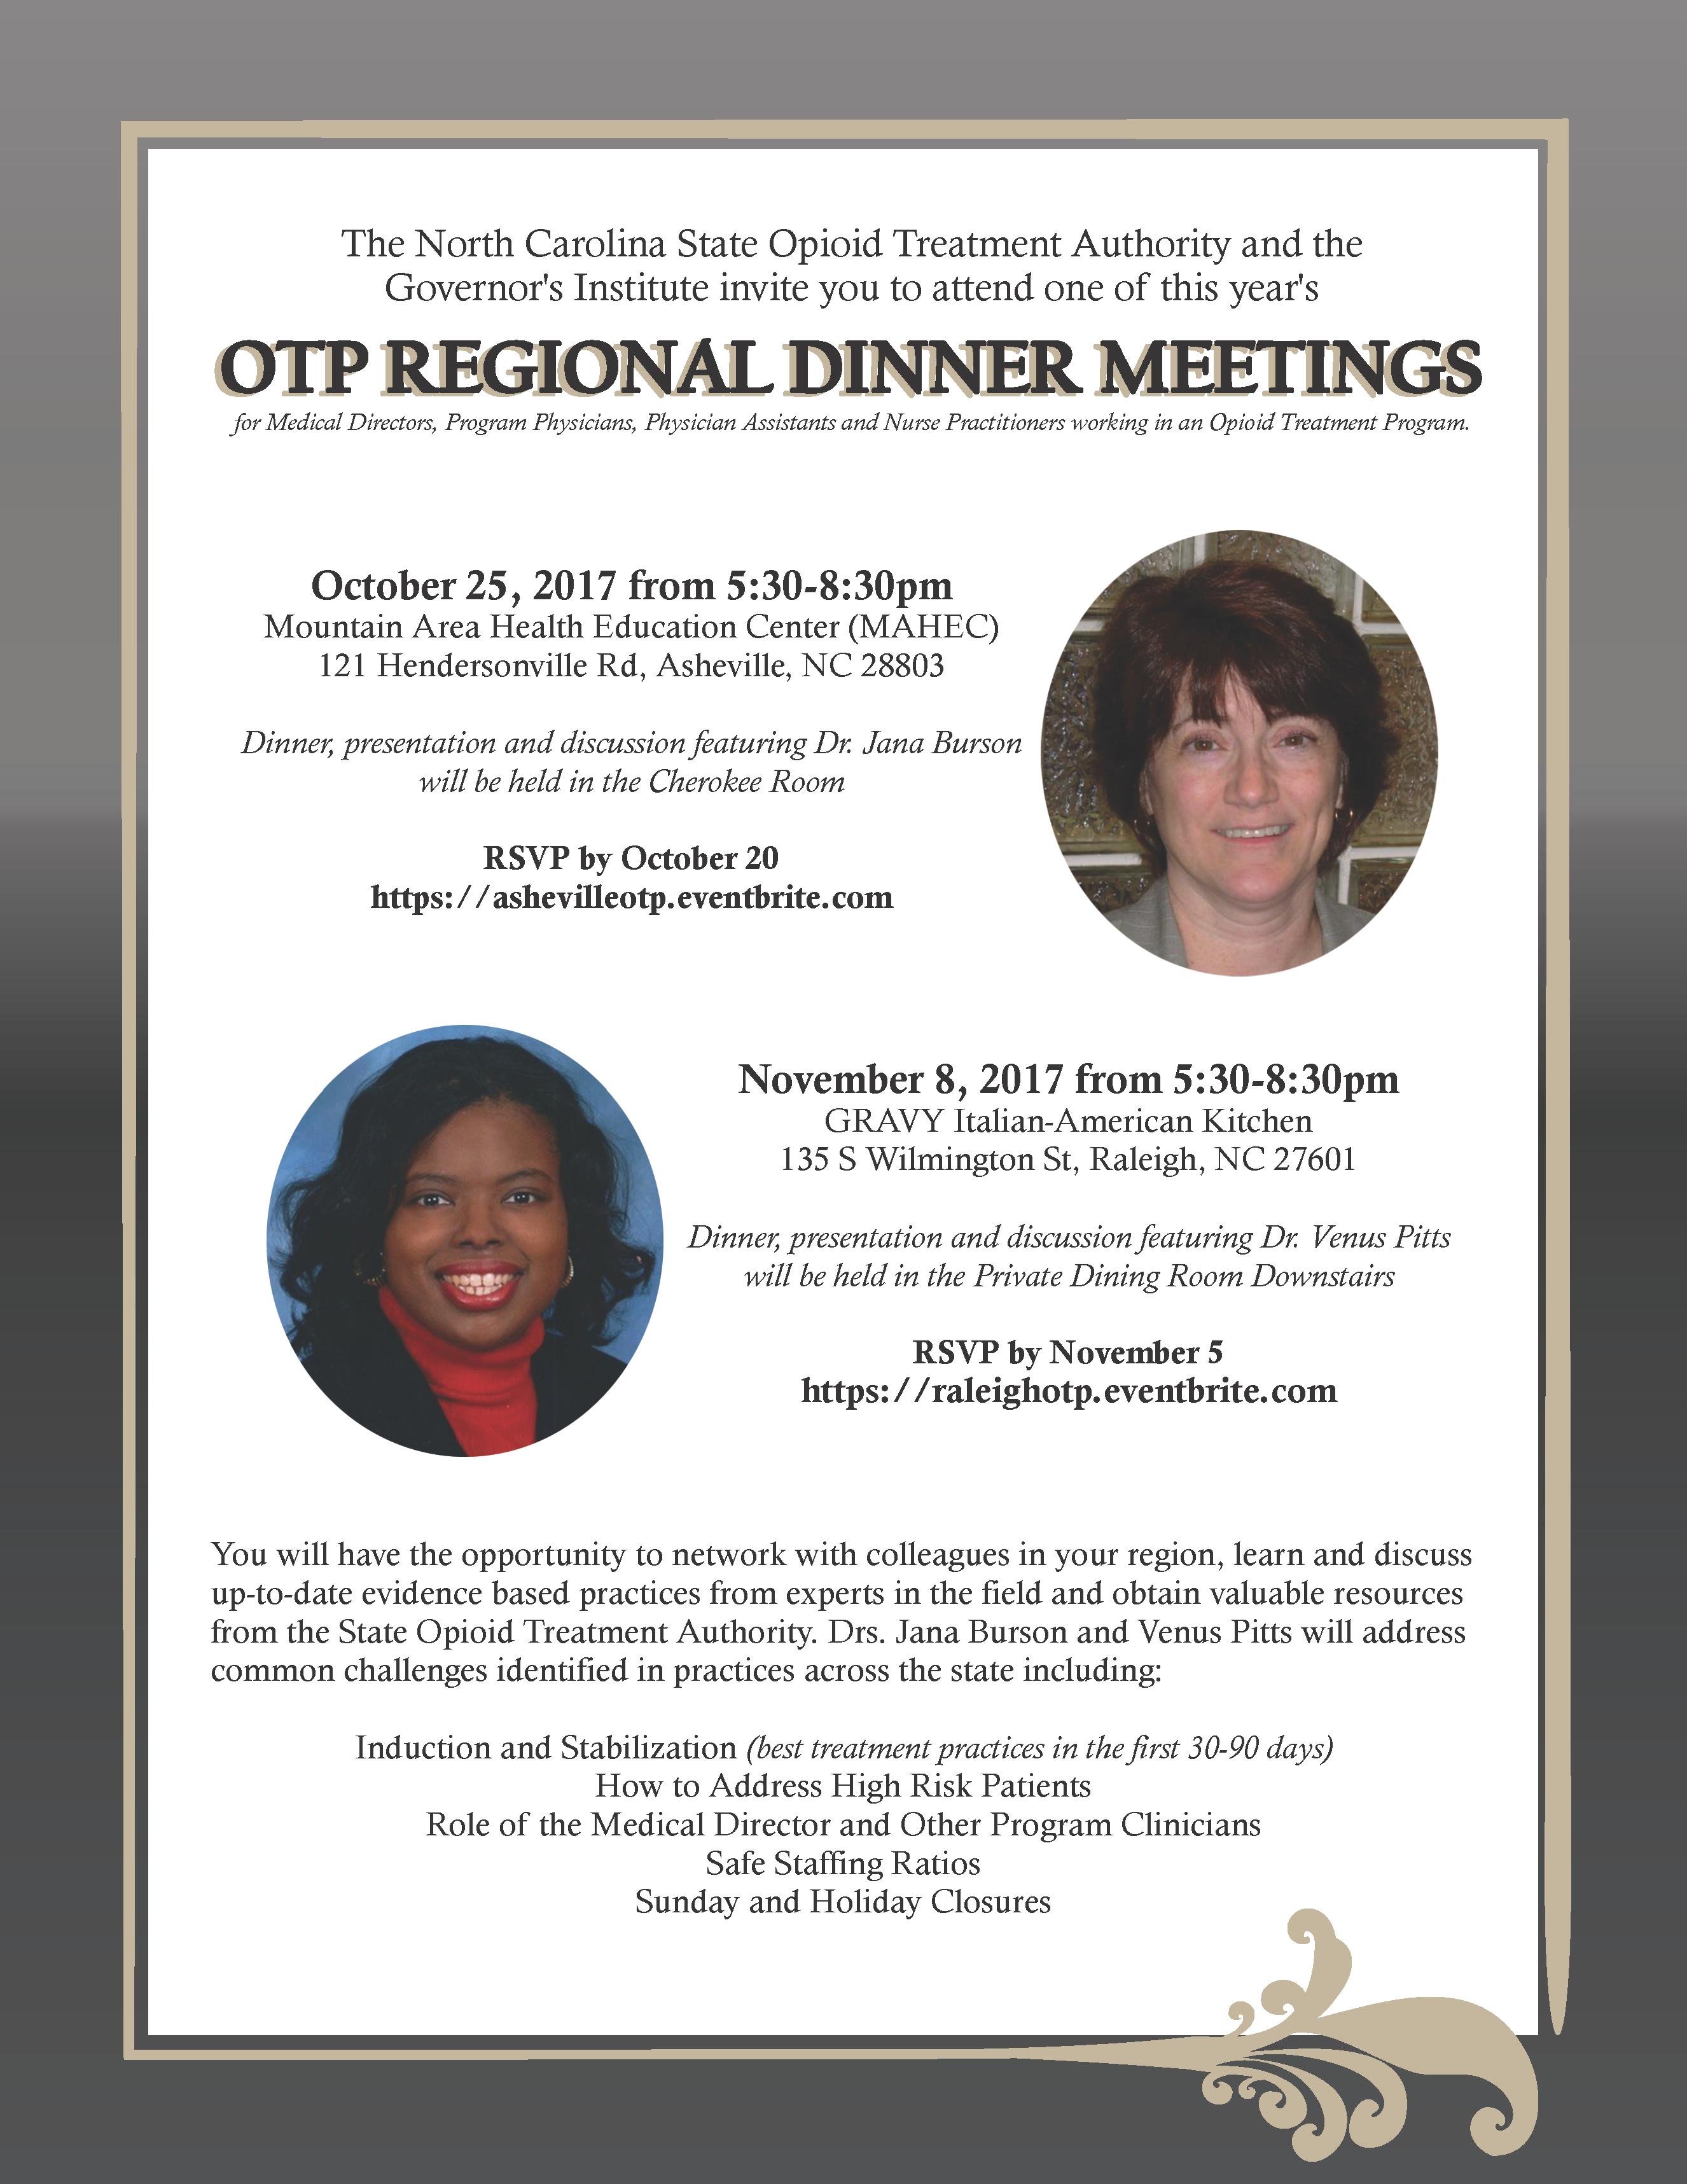 OTP Regional Dinner Meeting